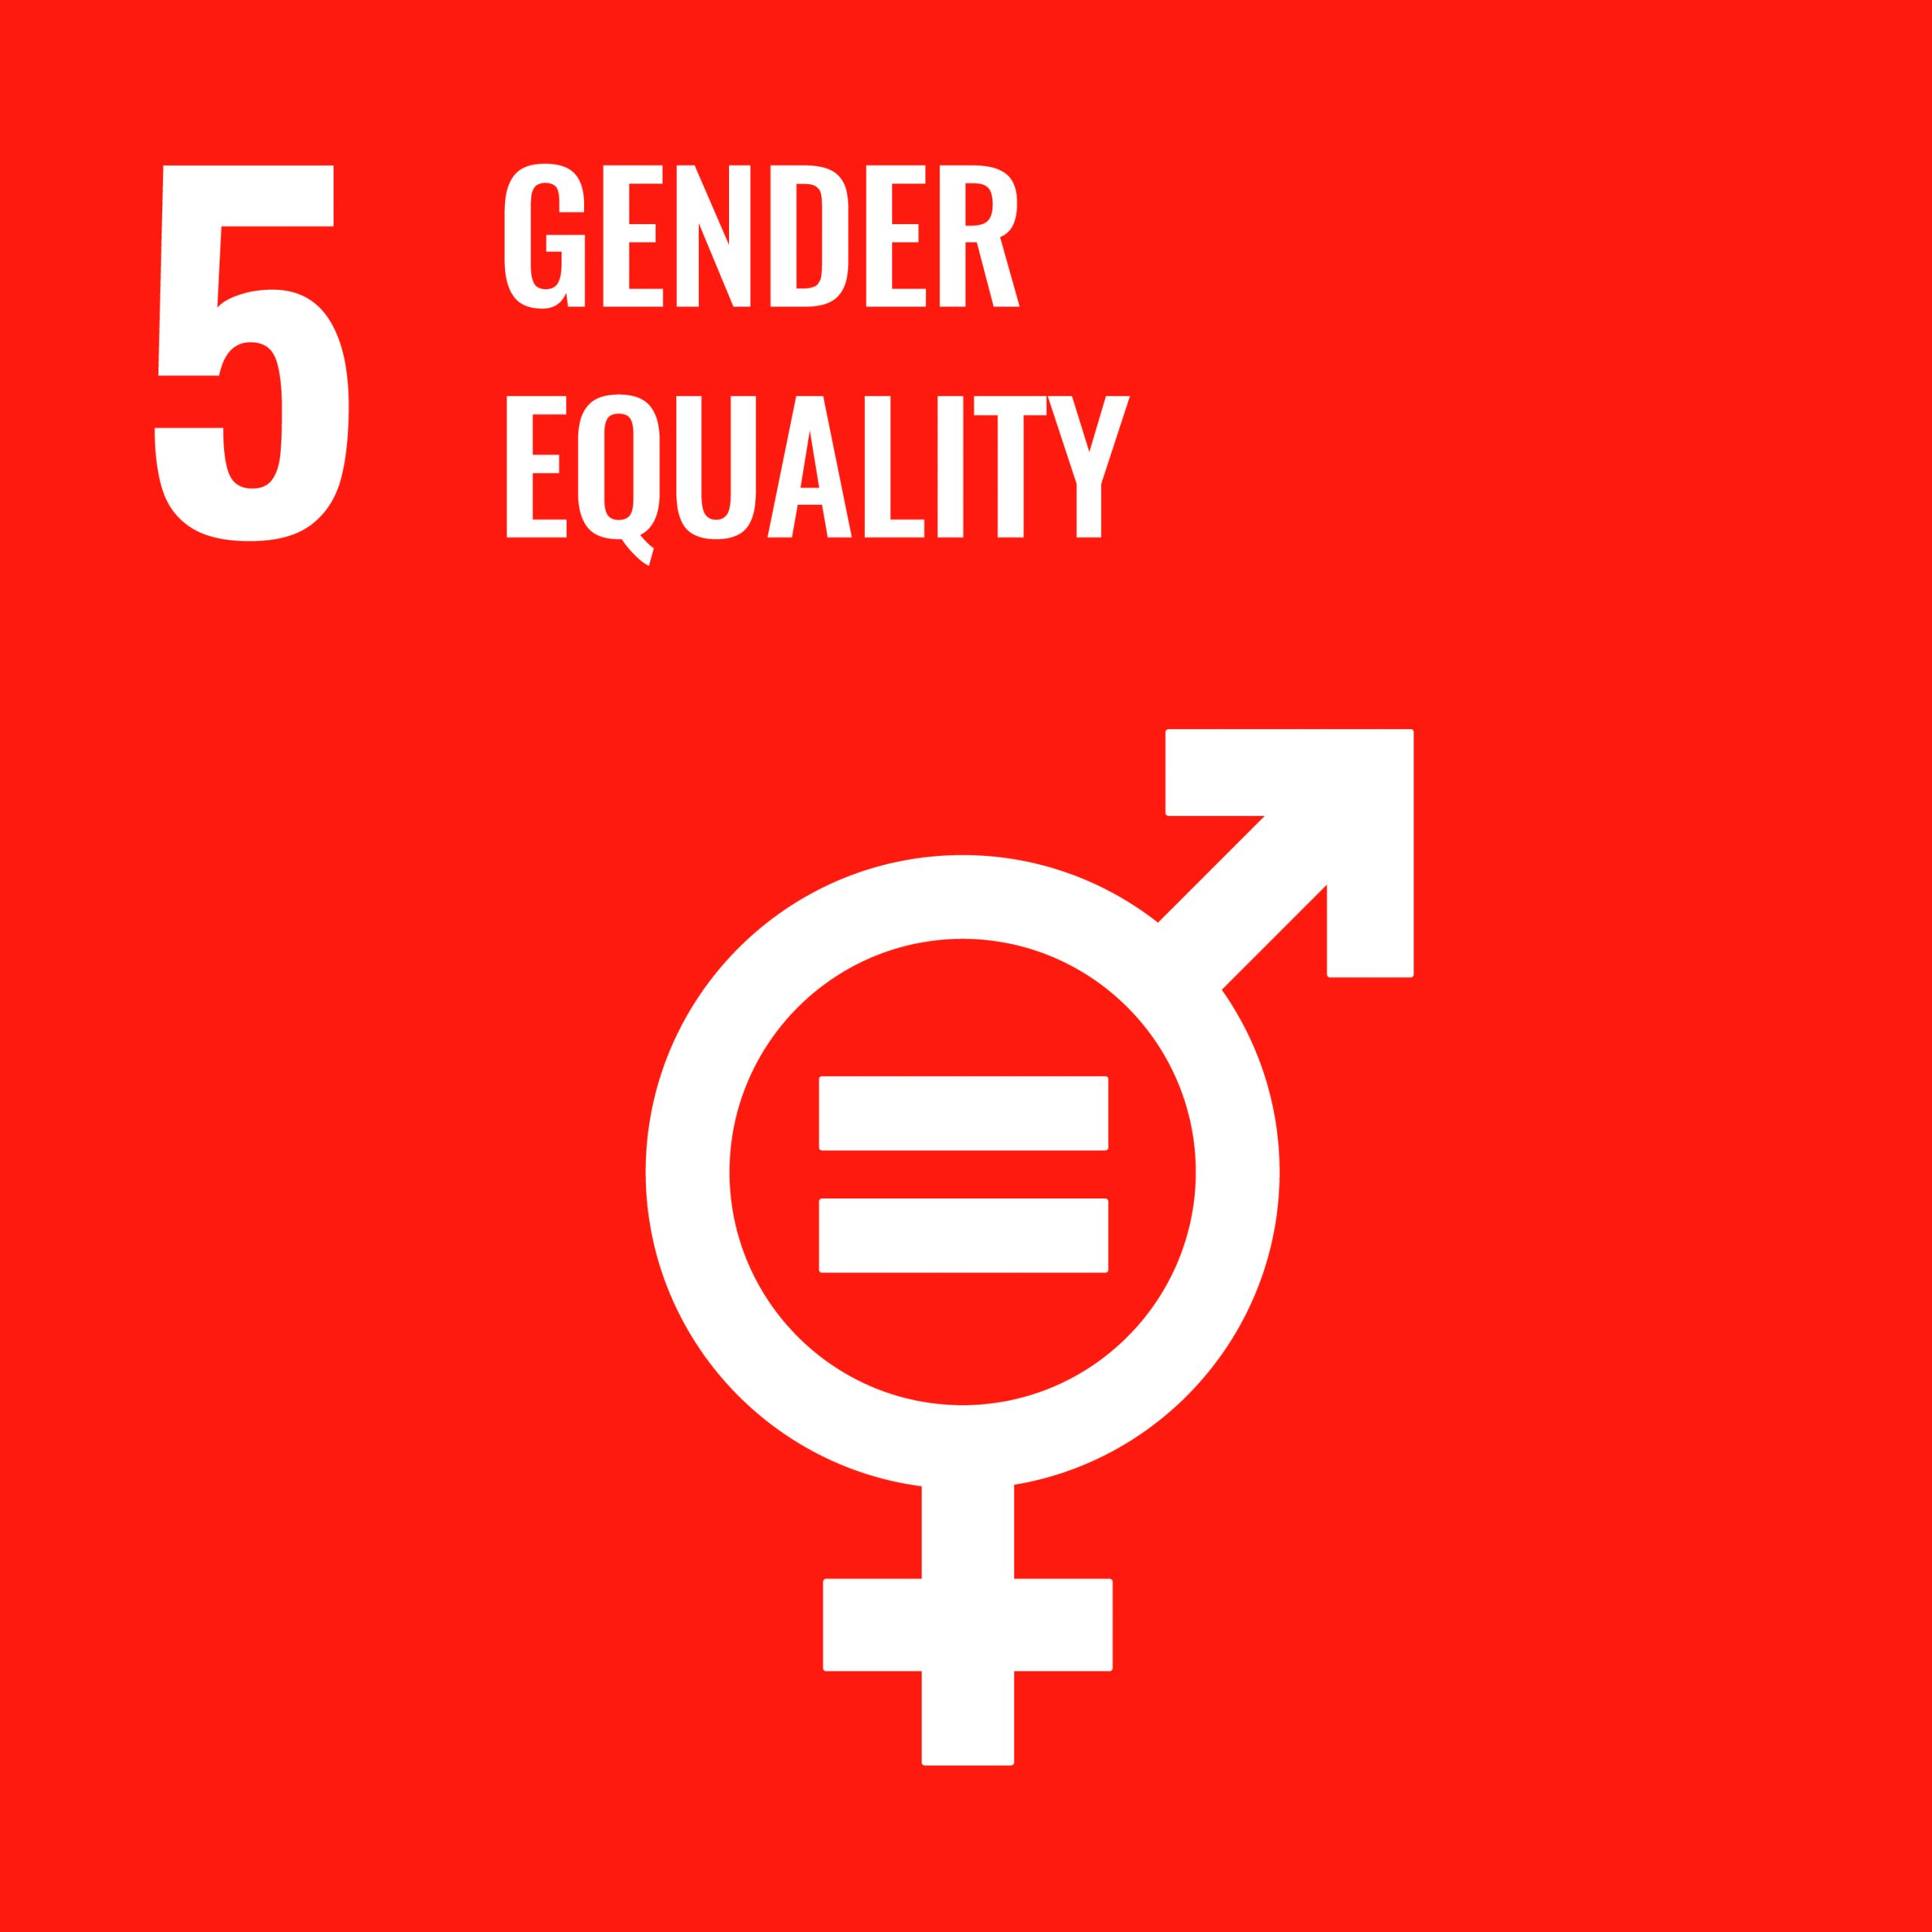 Gender Equality- SDG 5